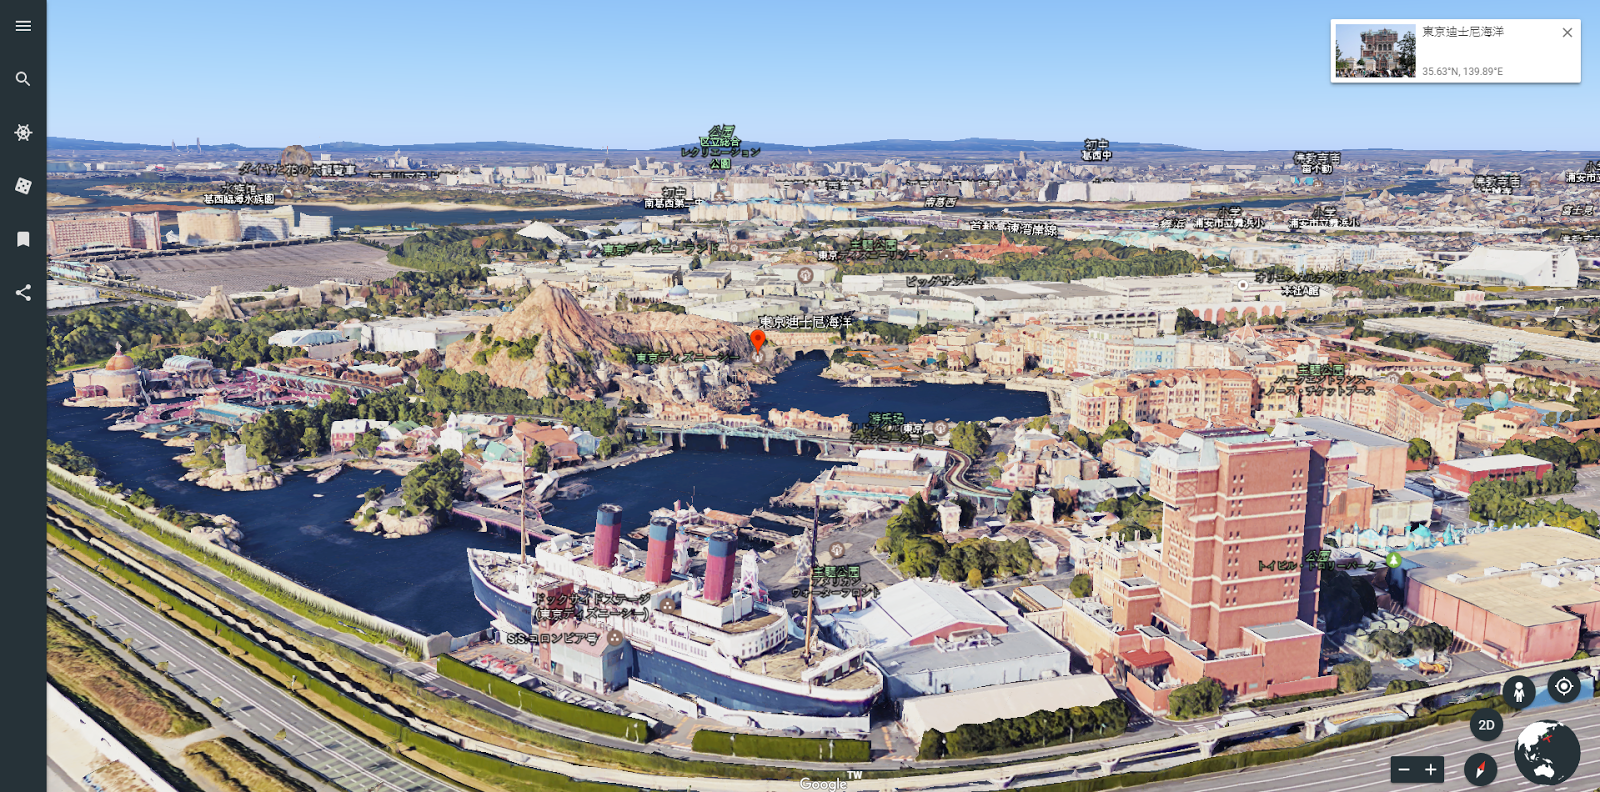 Google 地球推出 9.0 全新網頁版,重新設計的 3D 世界導覽